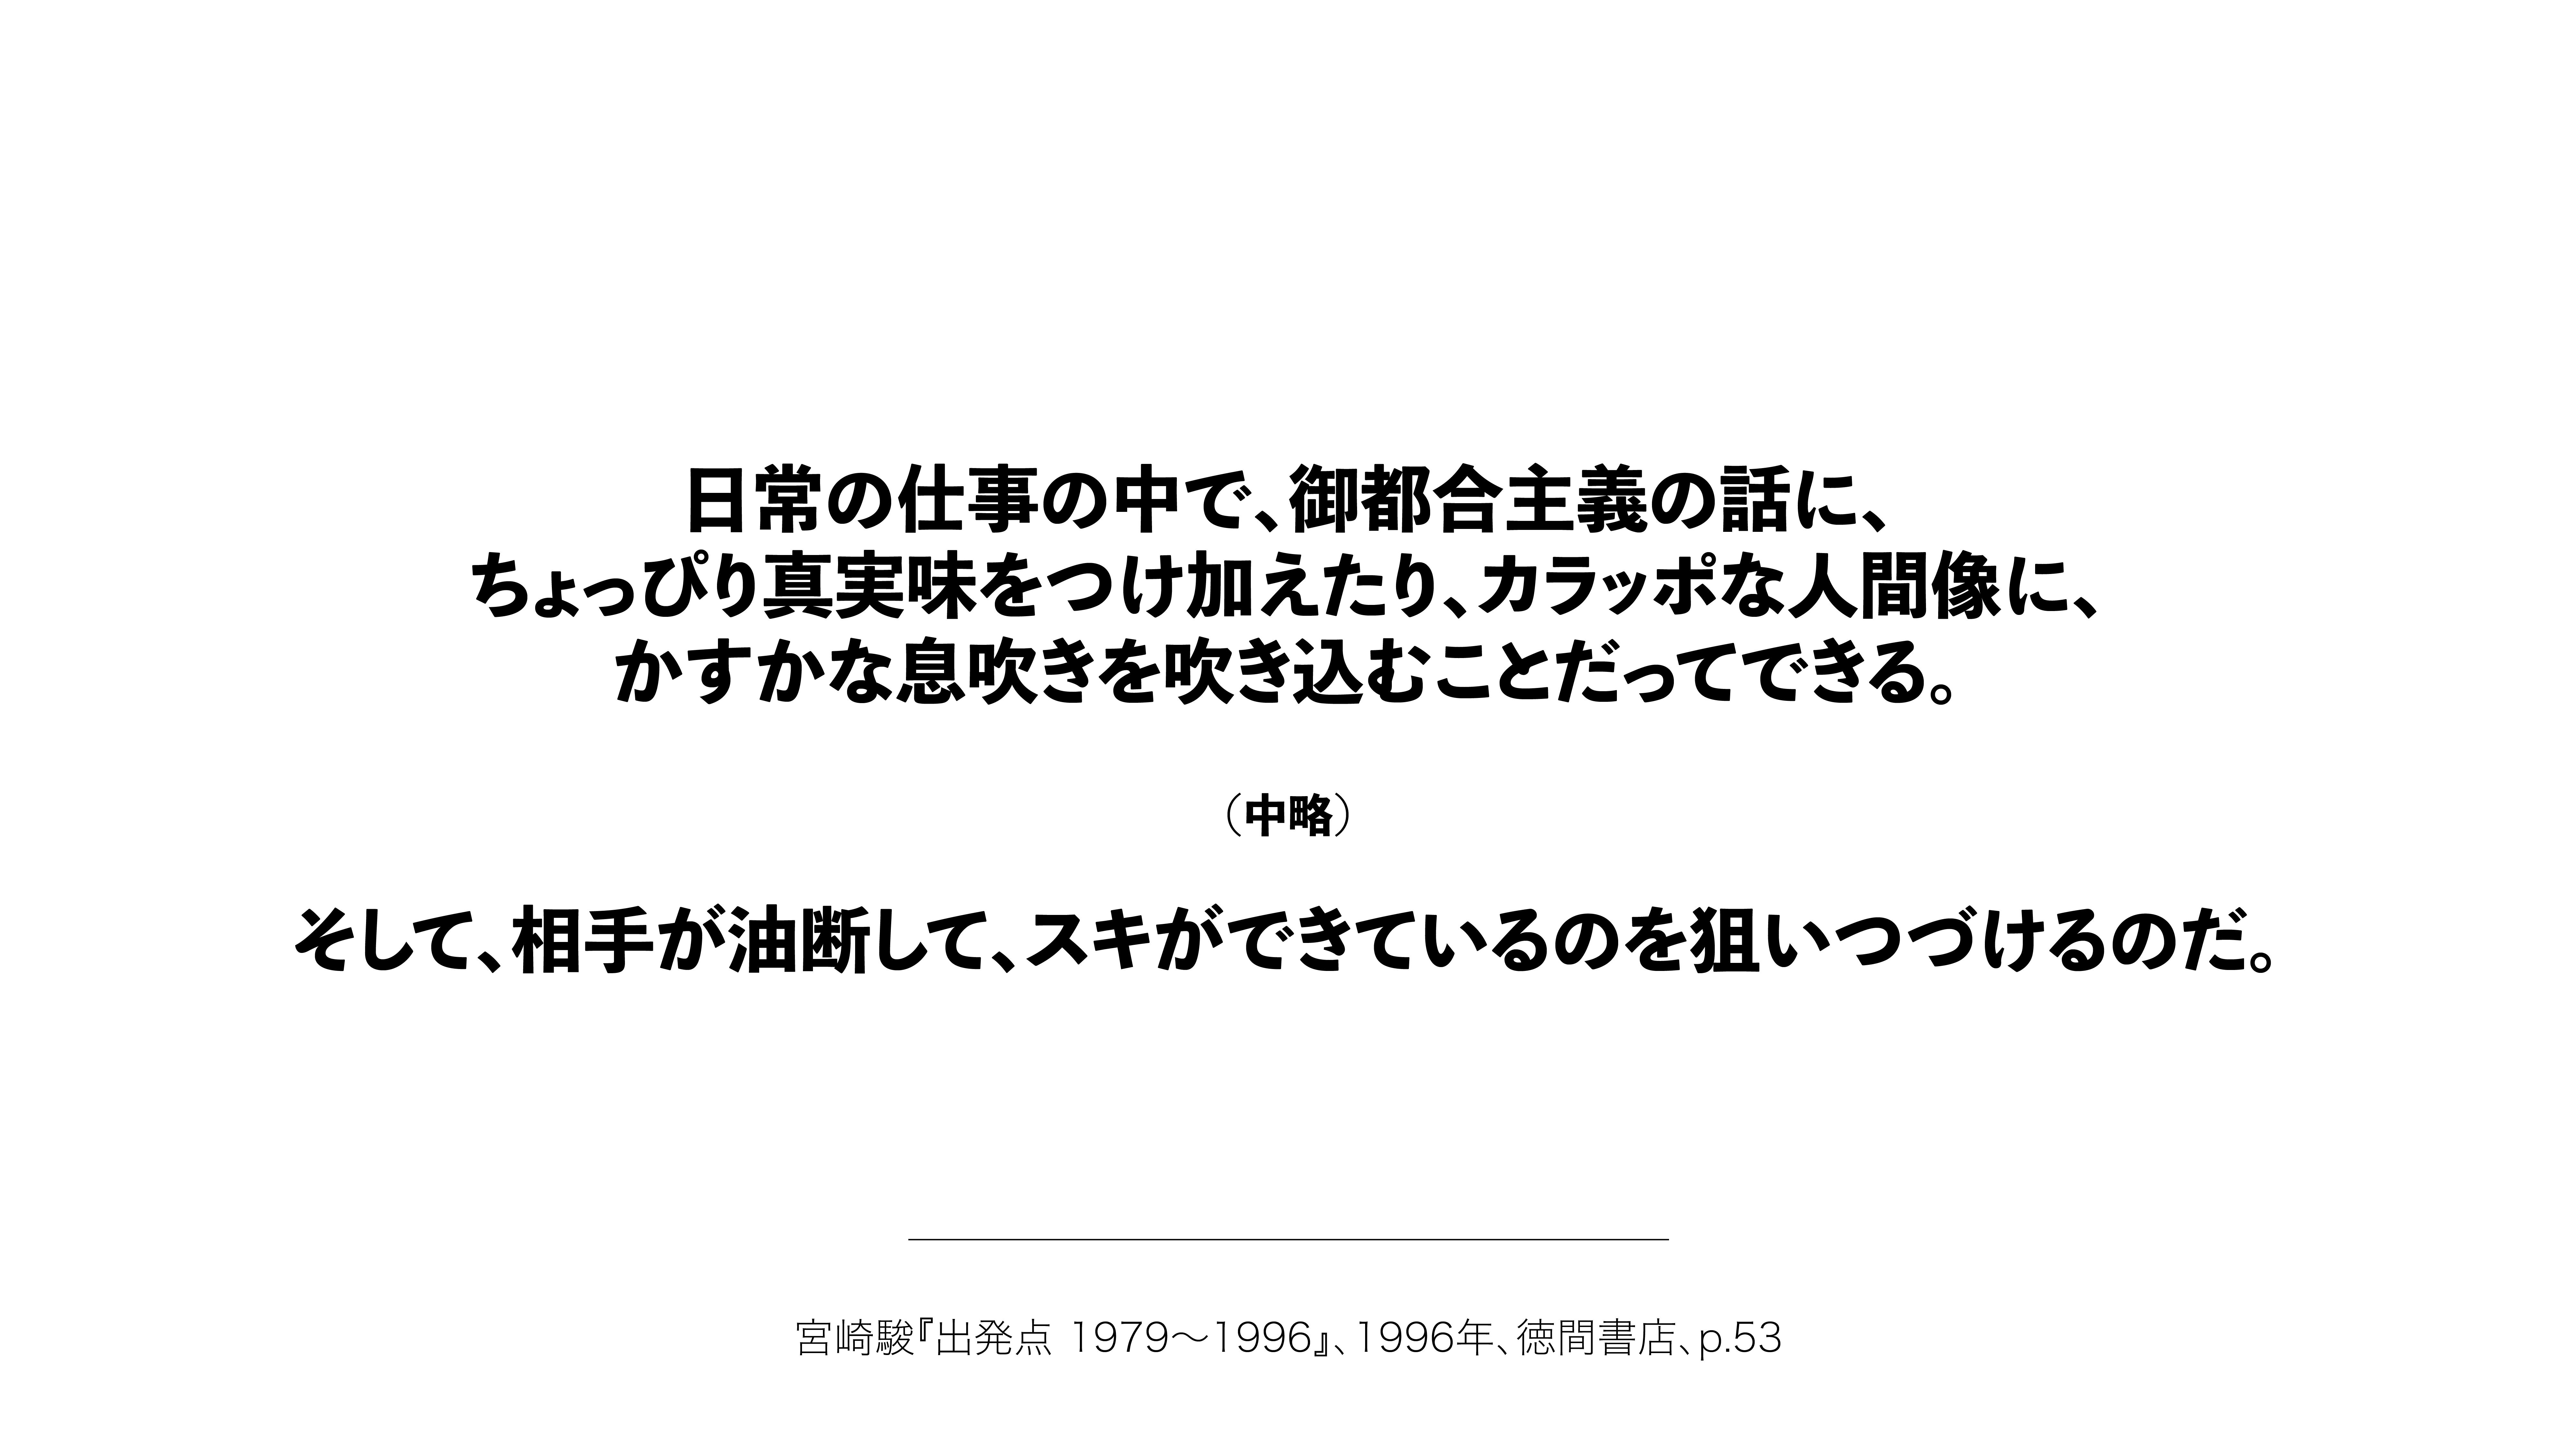 12_アニメーター解放宣言